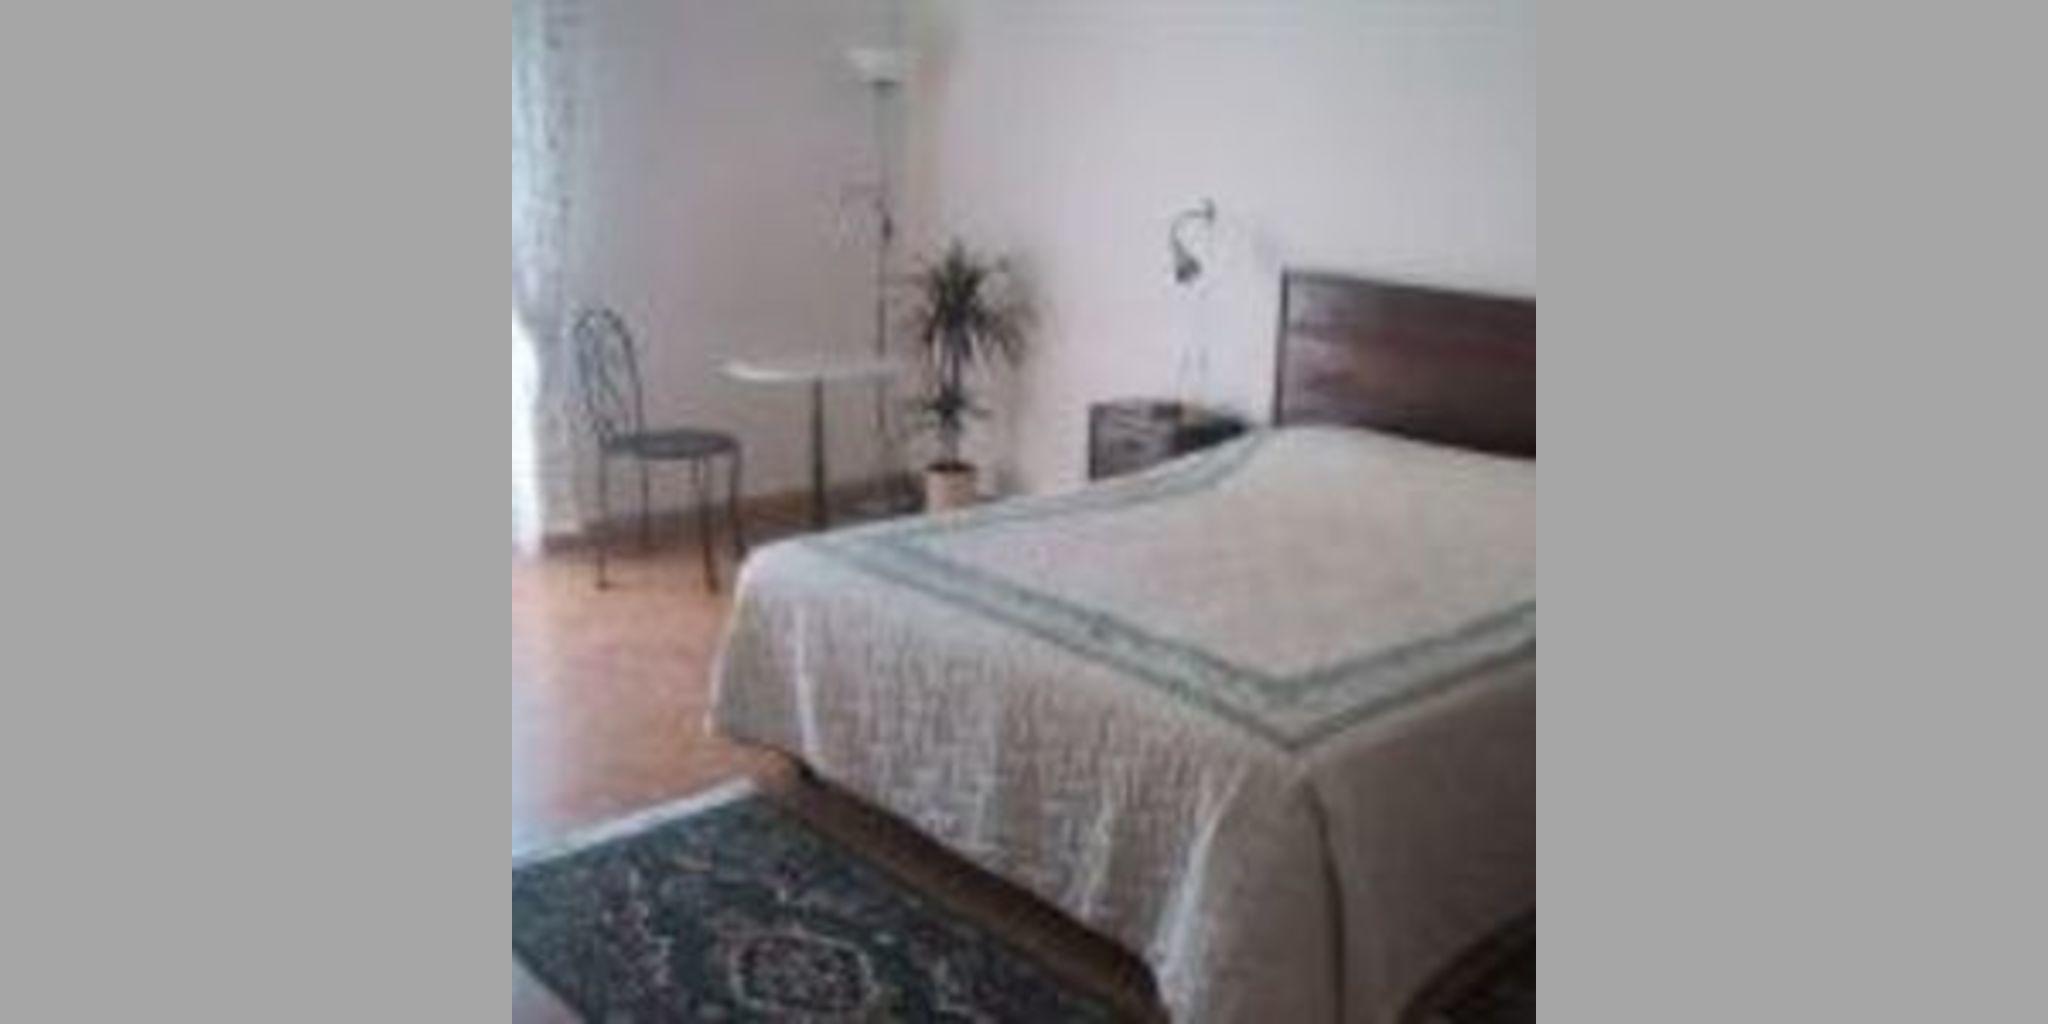 Bed & Breakfast Reggio Di Calabria - Reggio Calabria_B